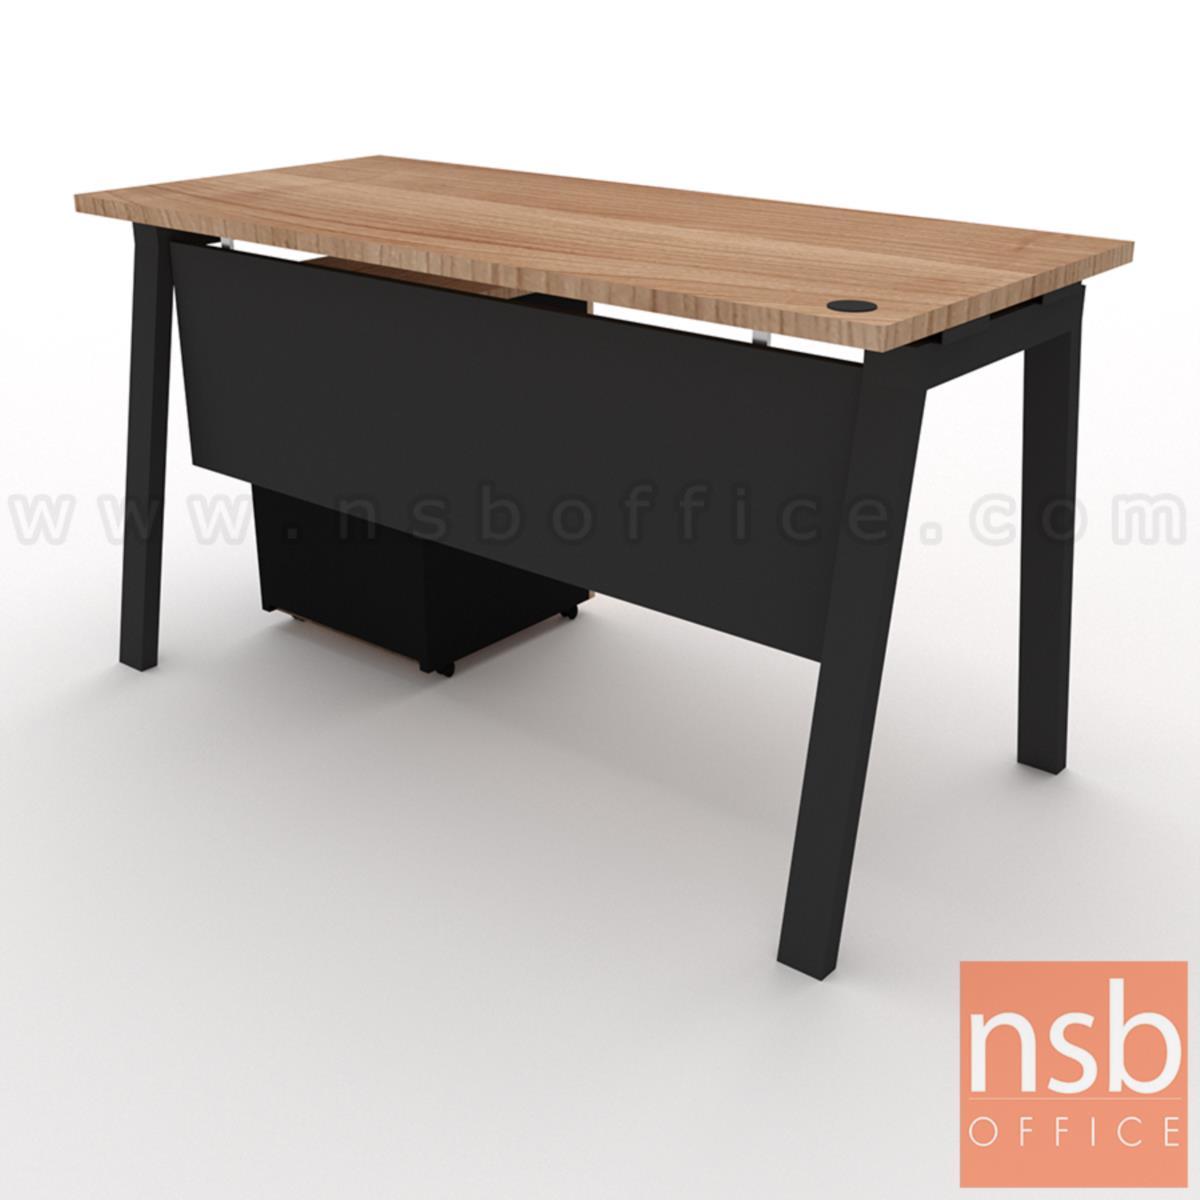 โต๊ะทำงานทรงสี่เหลี่ยม  รุ่น Slash-2 (สแลช-2) ขนาด 120W, 135W, 150W cm. พร้อมลิ้นชักล้อเลื่อน และตัวเก็บสายไฟ รุ่น A04A049